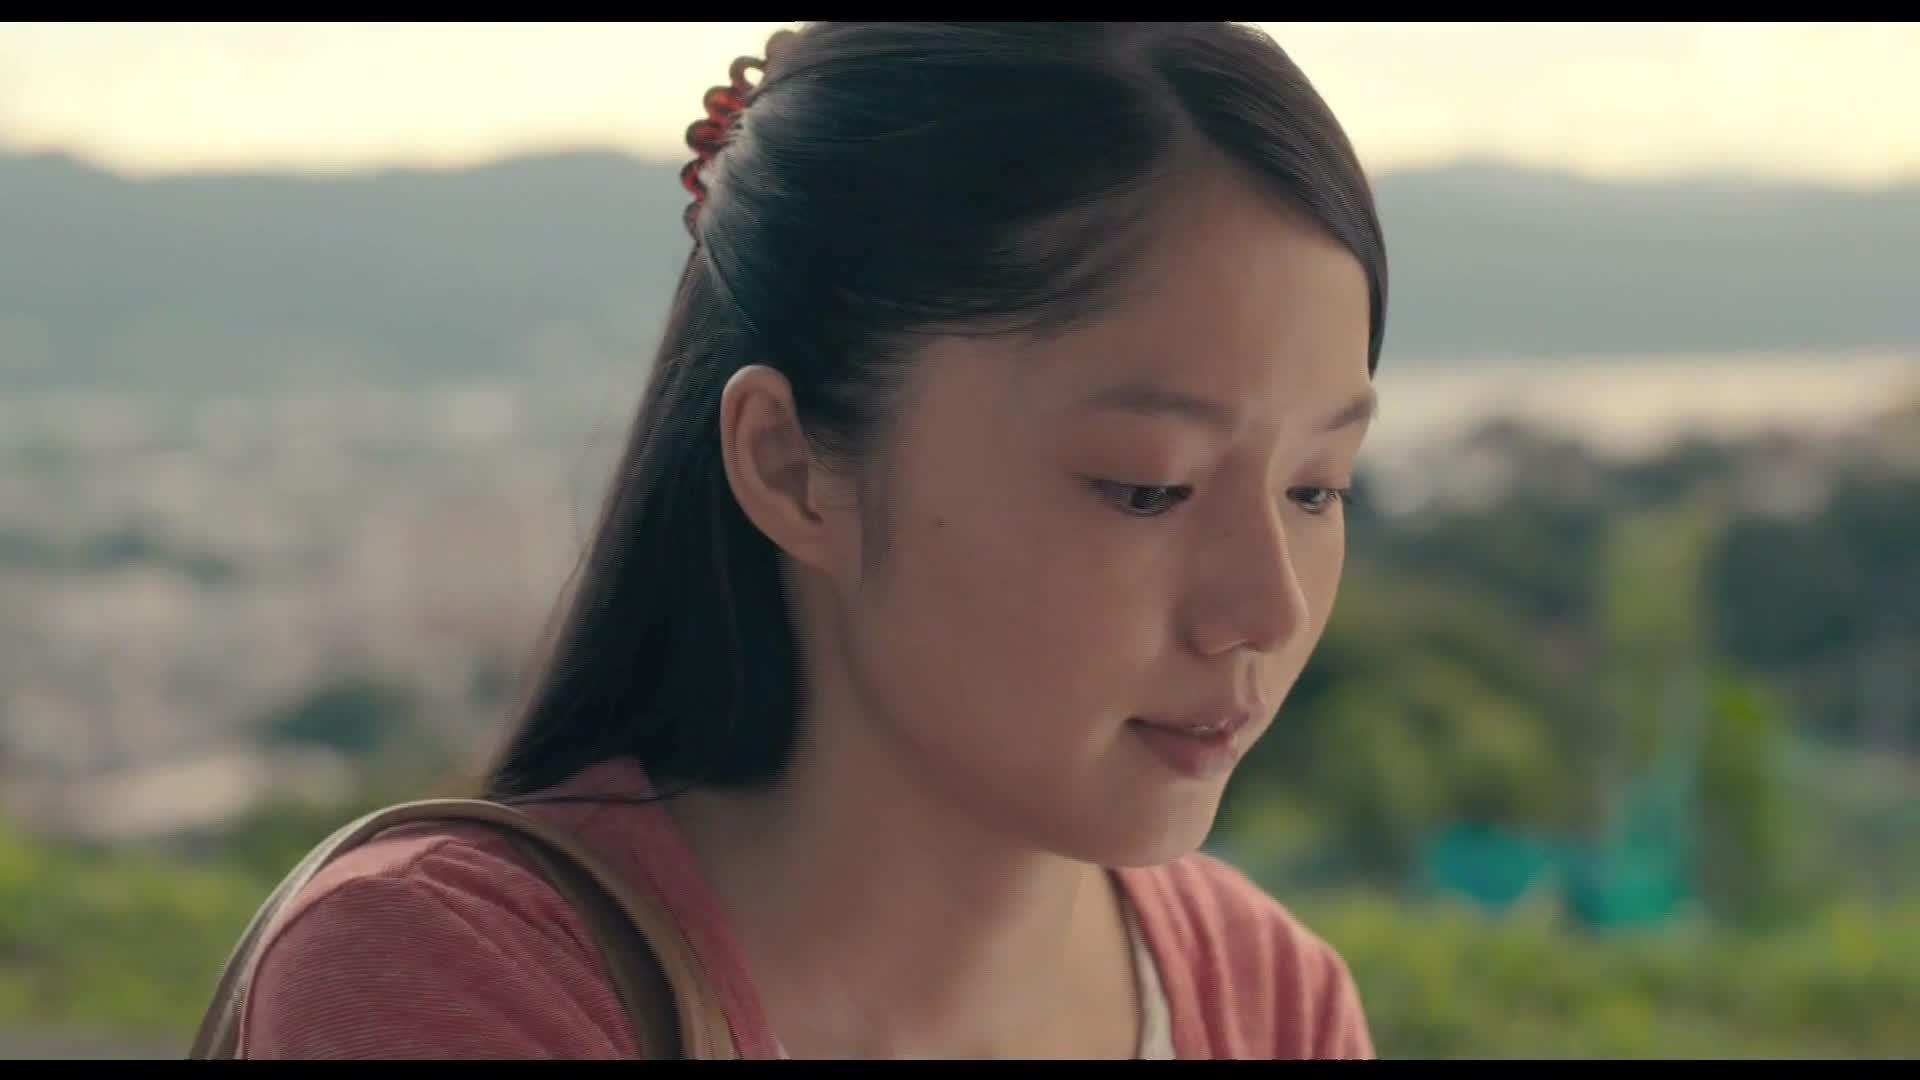 一家人郊游,纪子问妈妈你的人生如意吗,母亲呆住